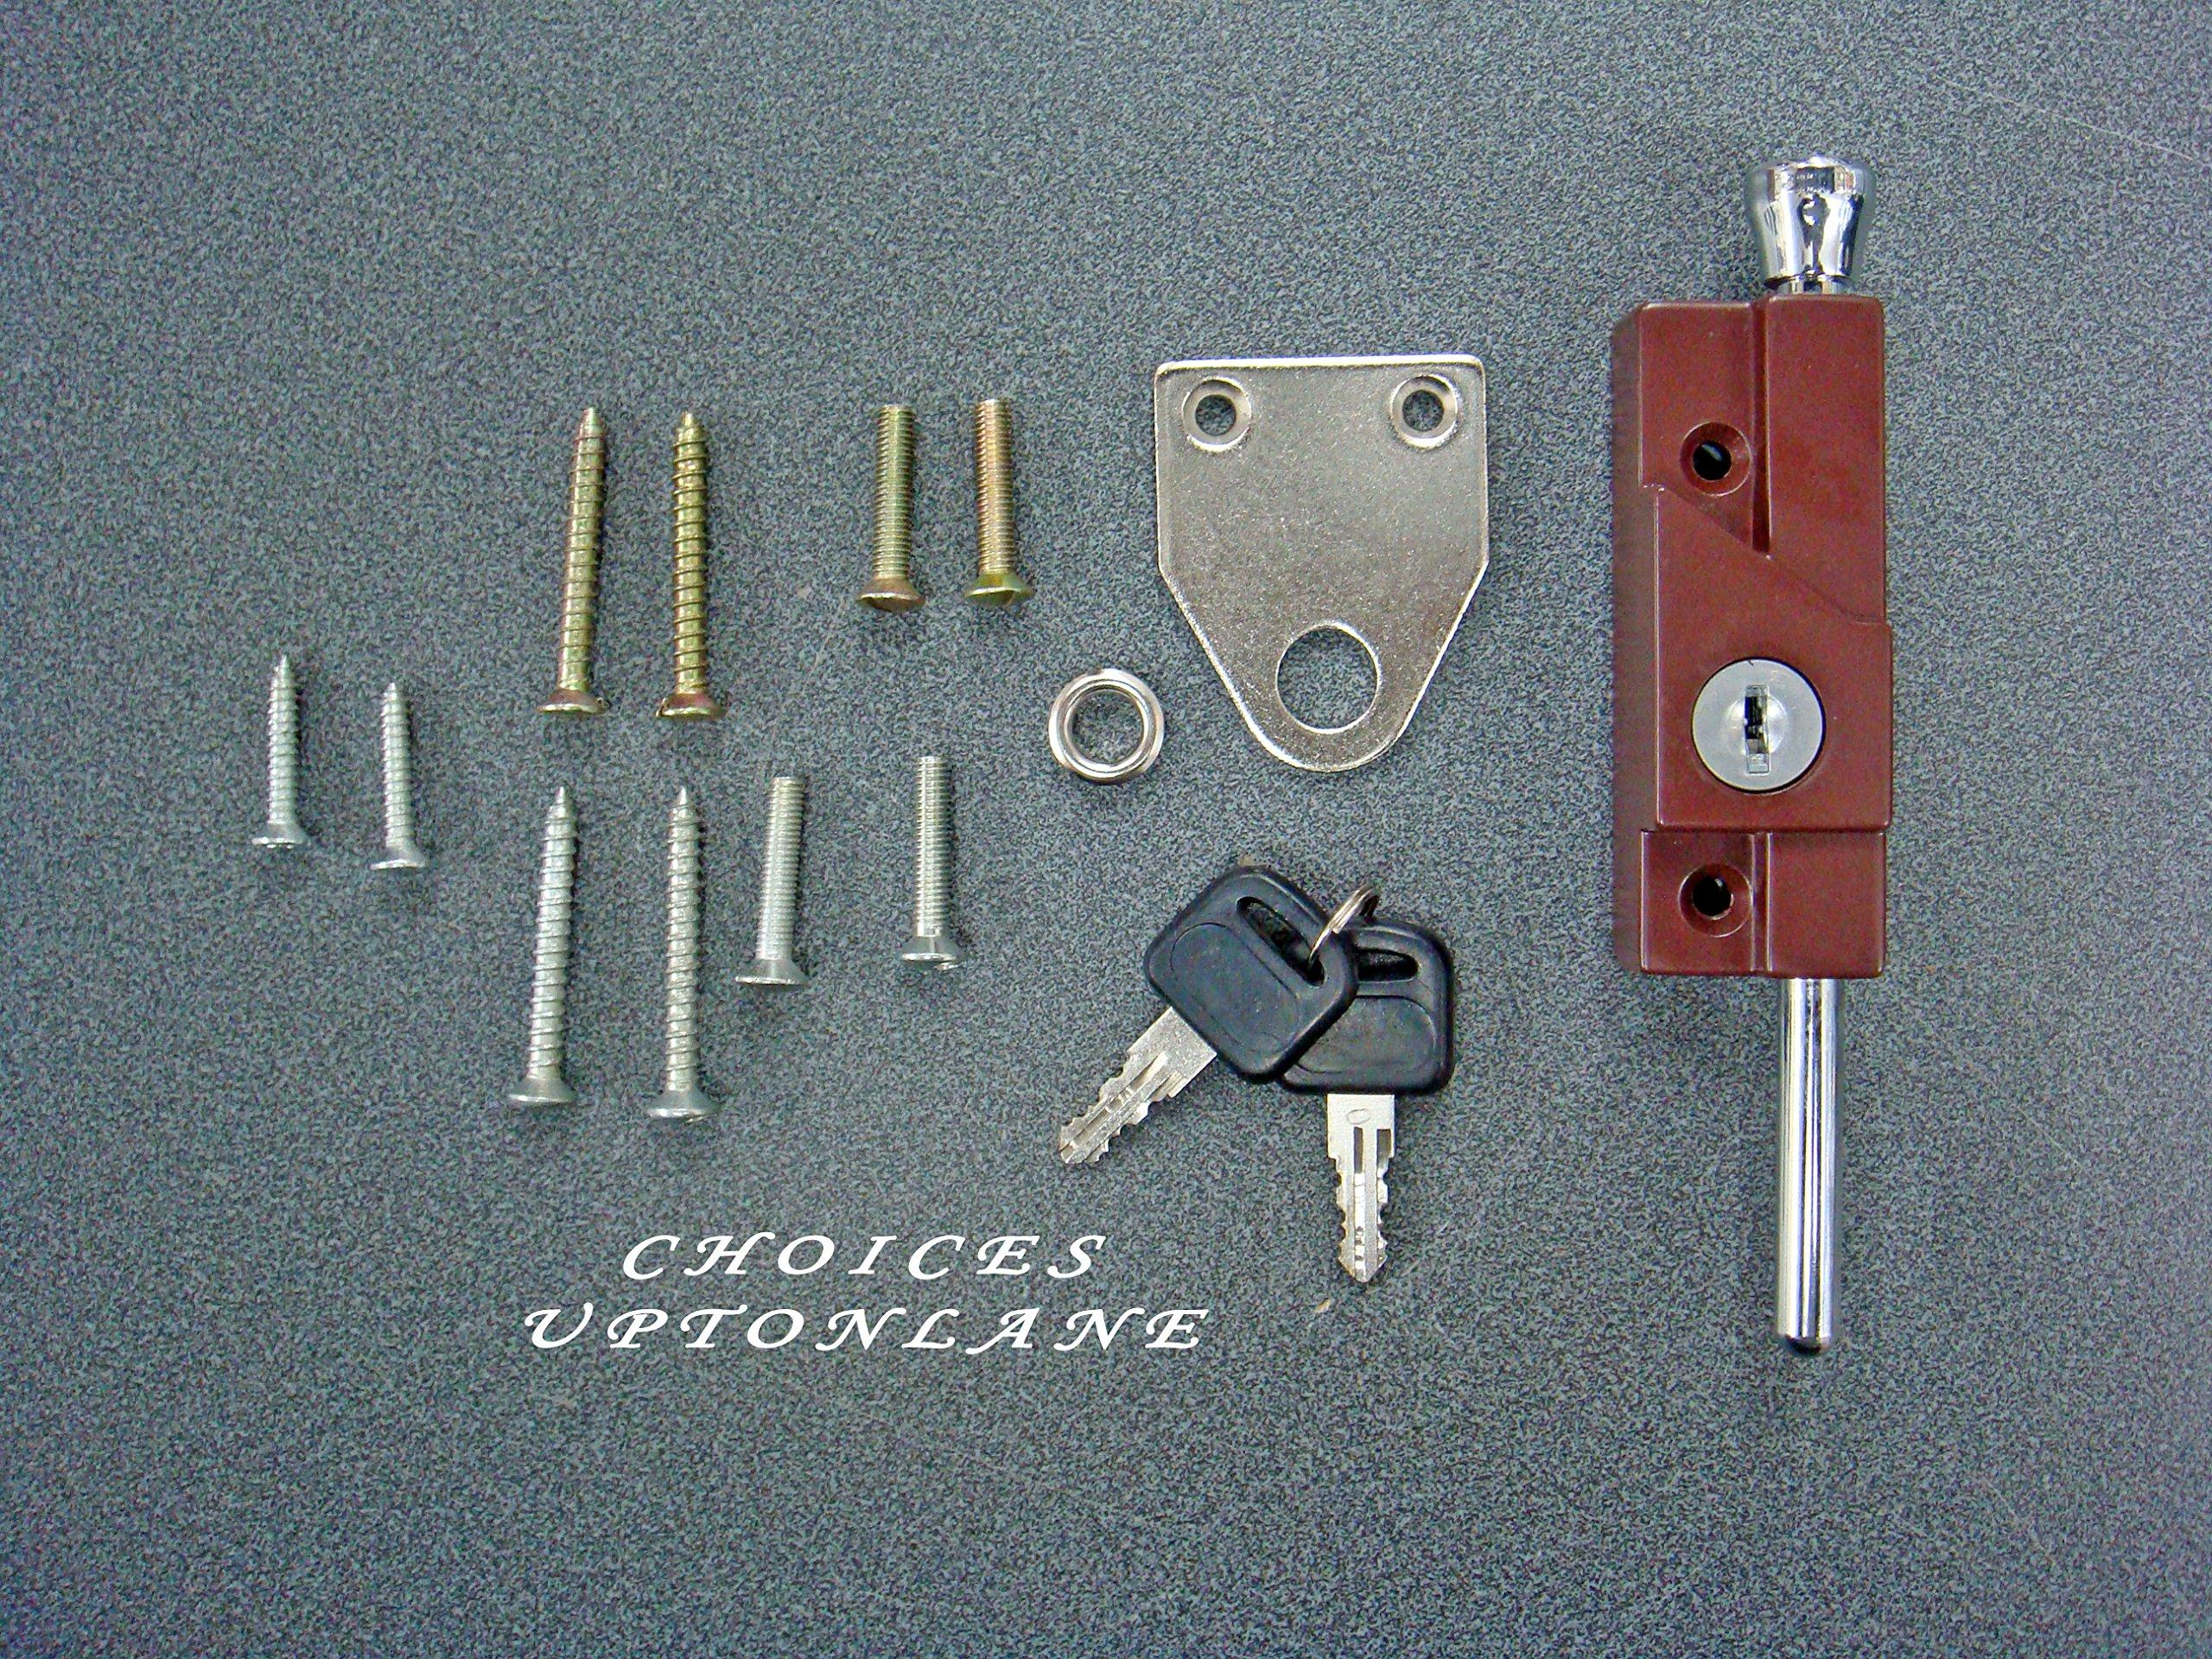 AK Multi Purpose Perno de Puerta para metal/madera y bisagras puertas correderas (Marrón): Amazon.es: Bricolaje y herramientas